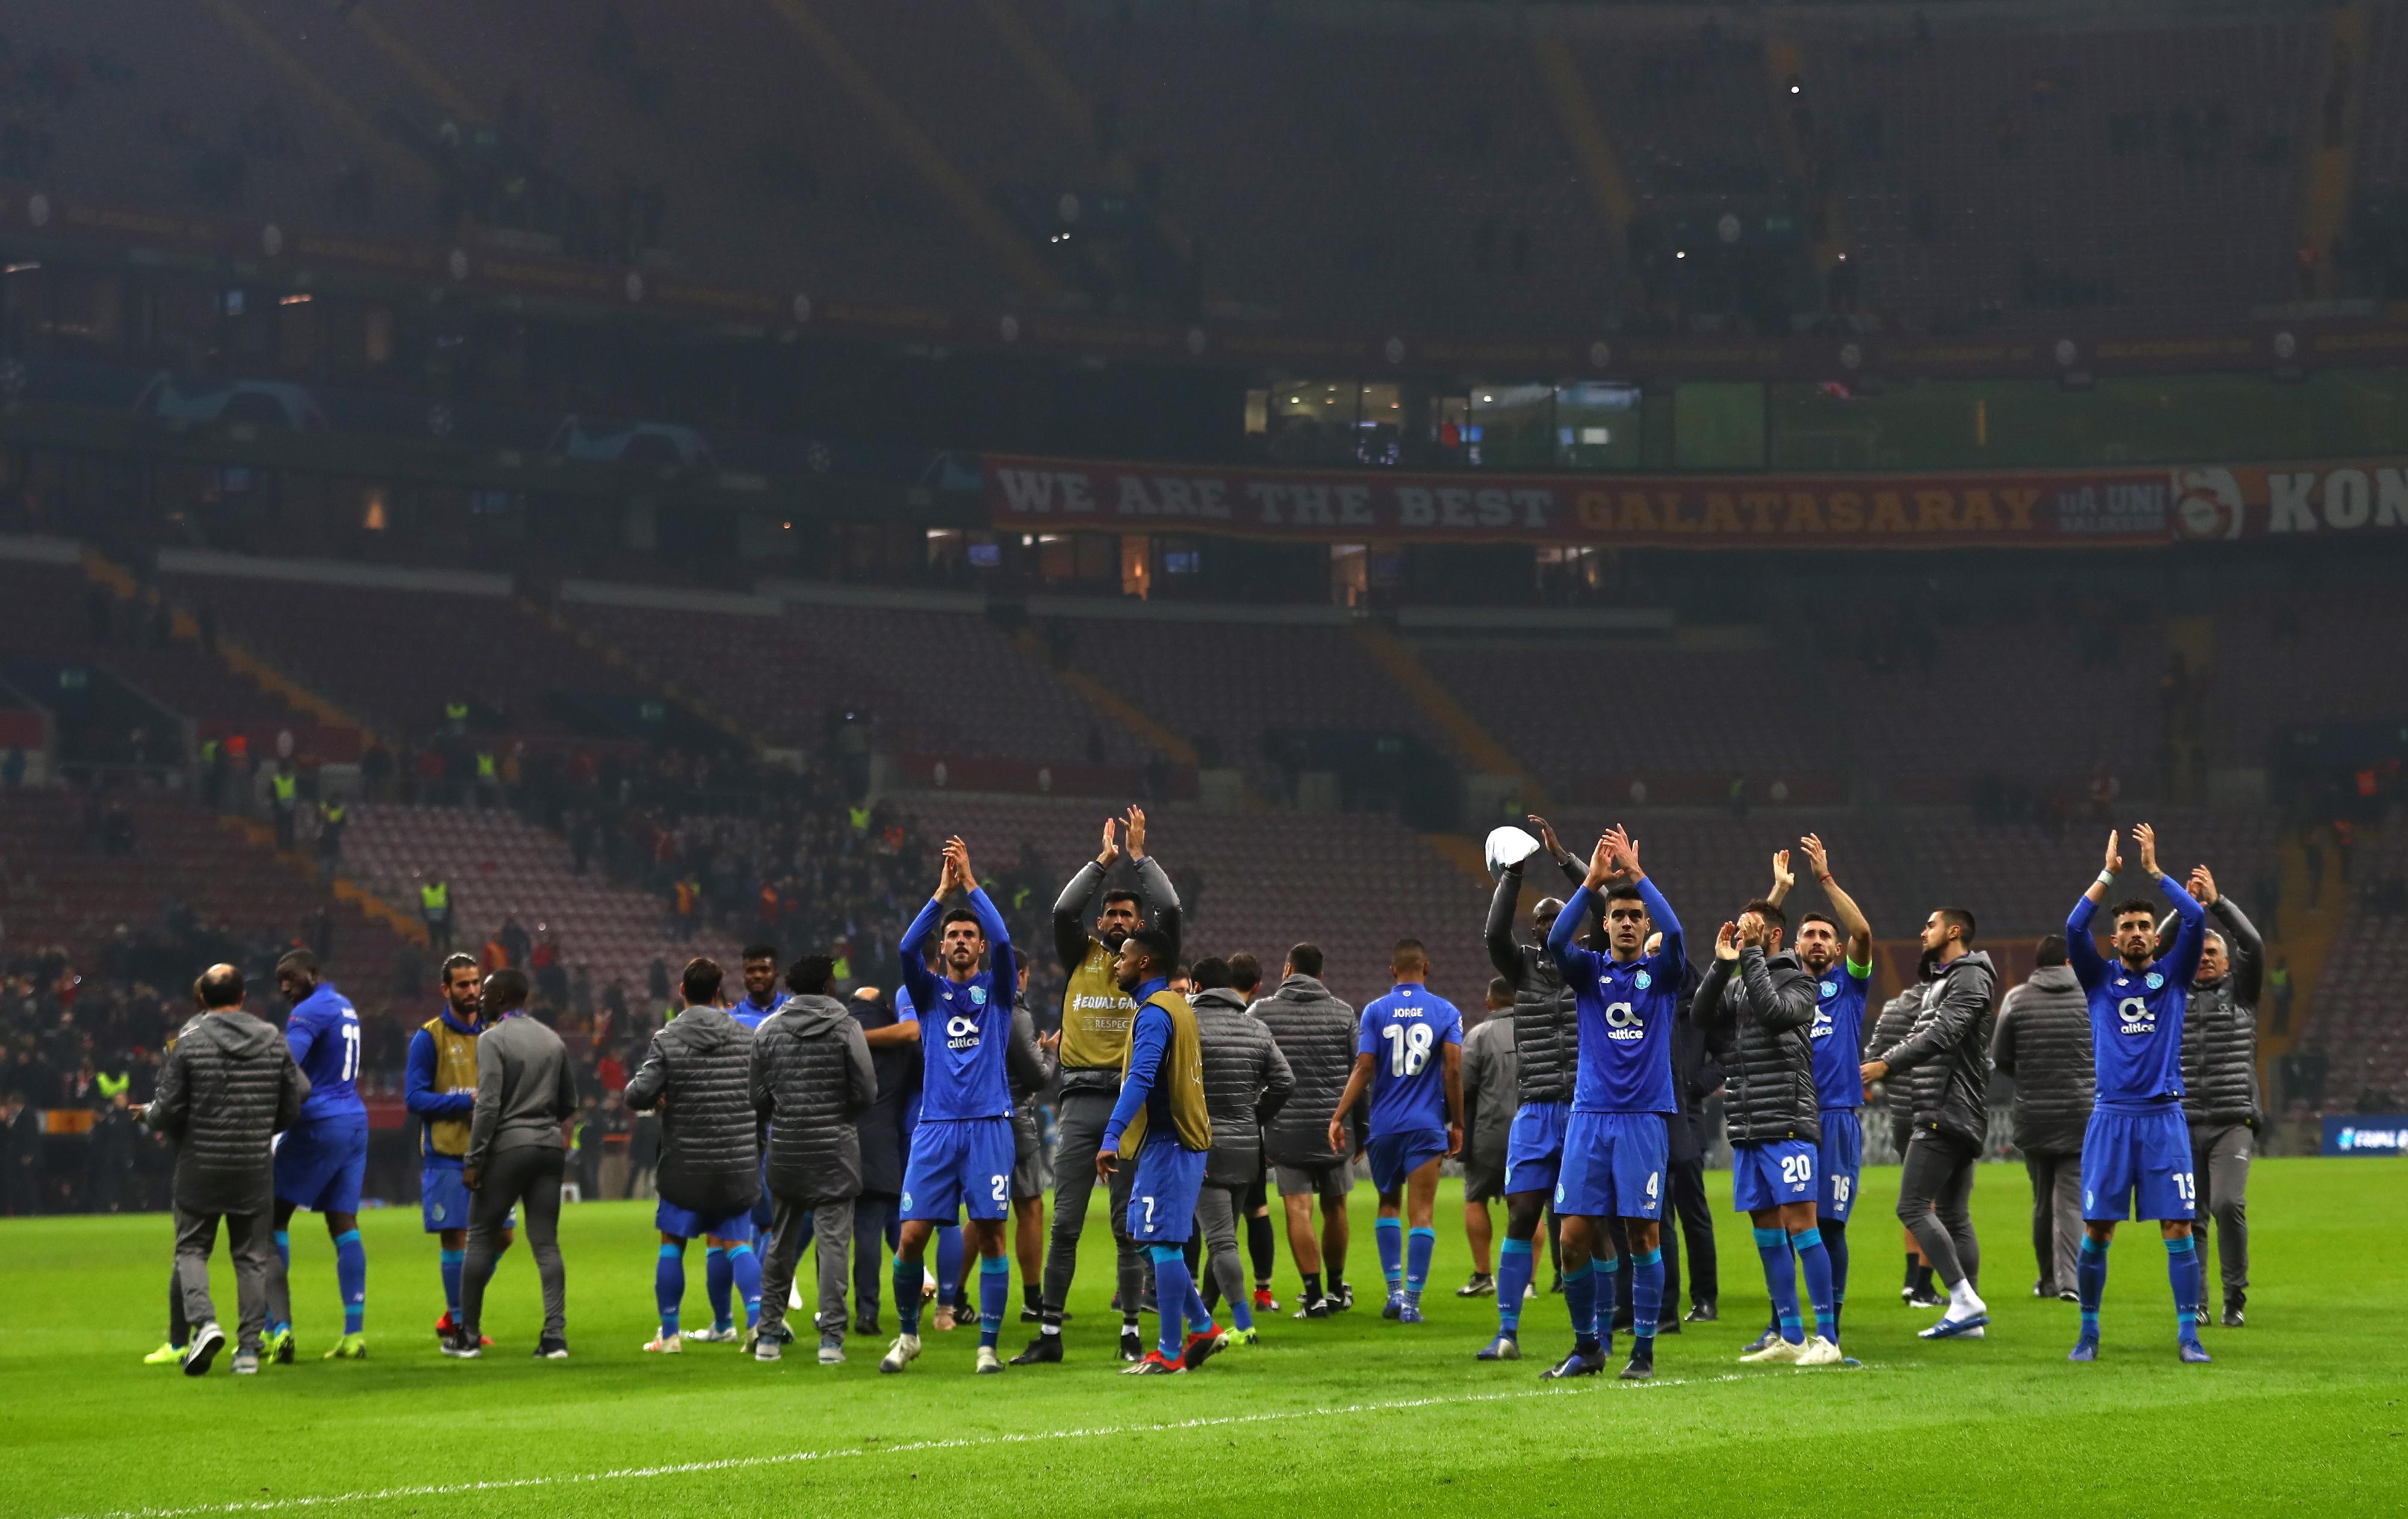 Conceição a quatro vitórias de bater recorde histórico no FC Porto